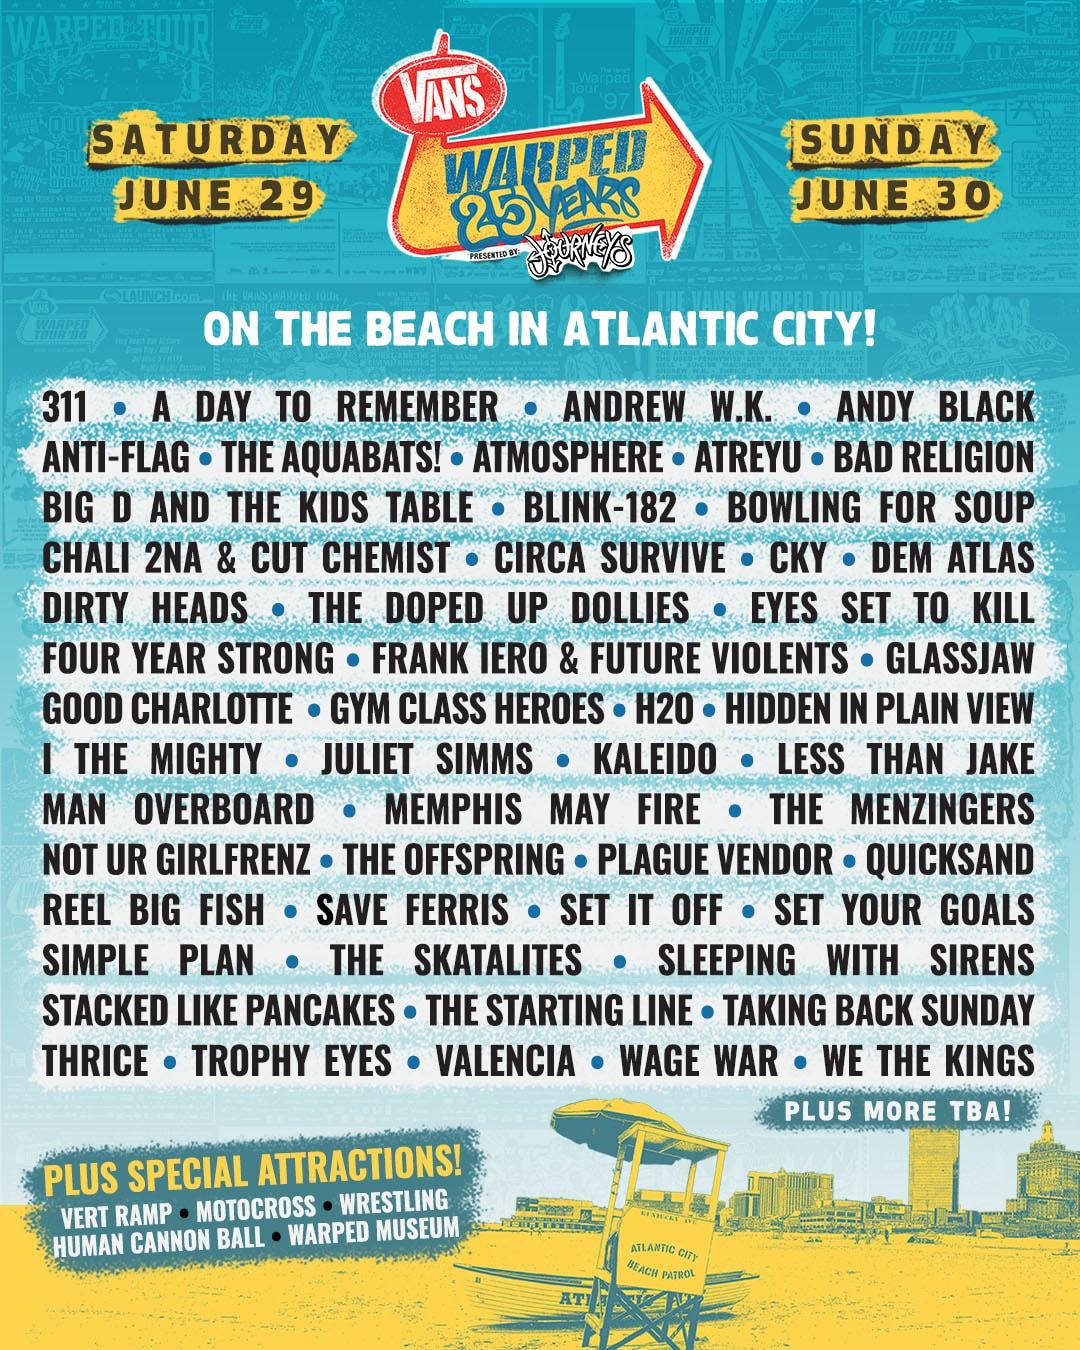 Warped Tour in AC 2019